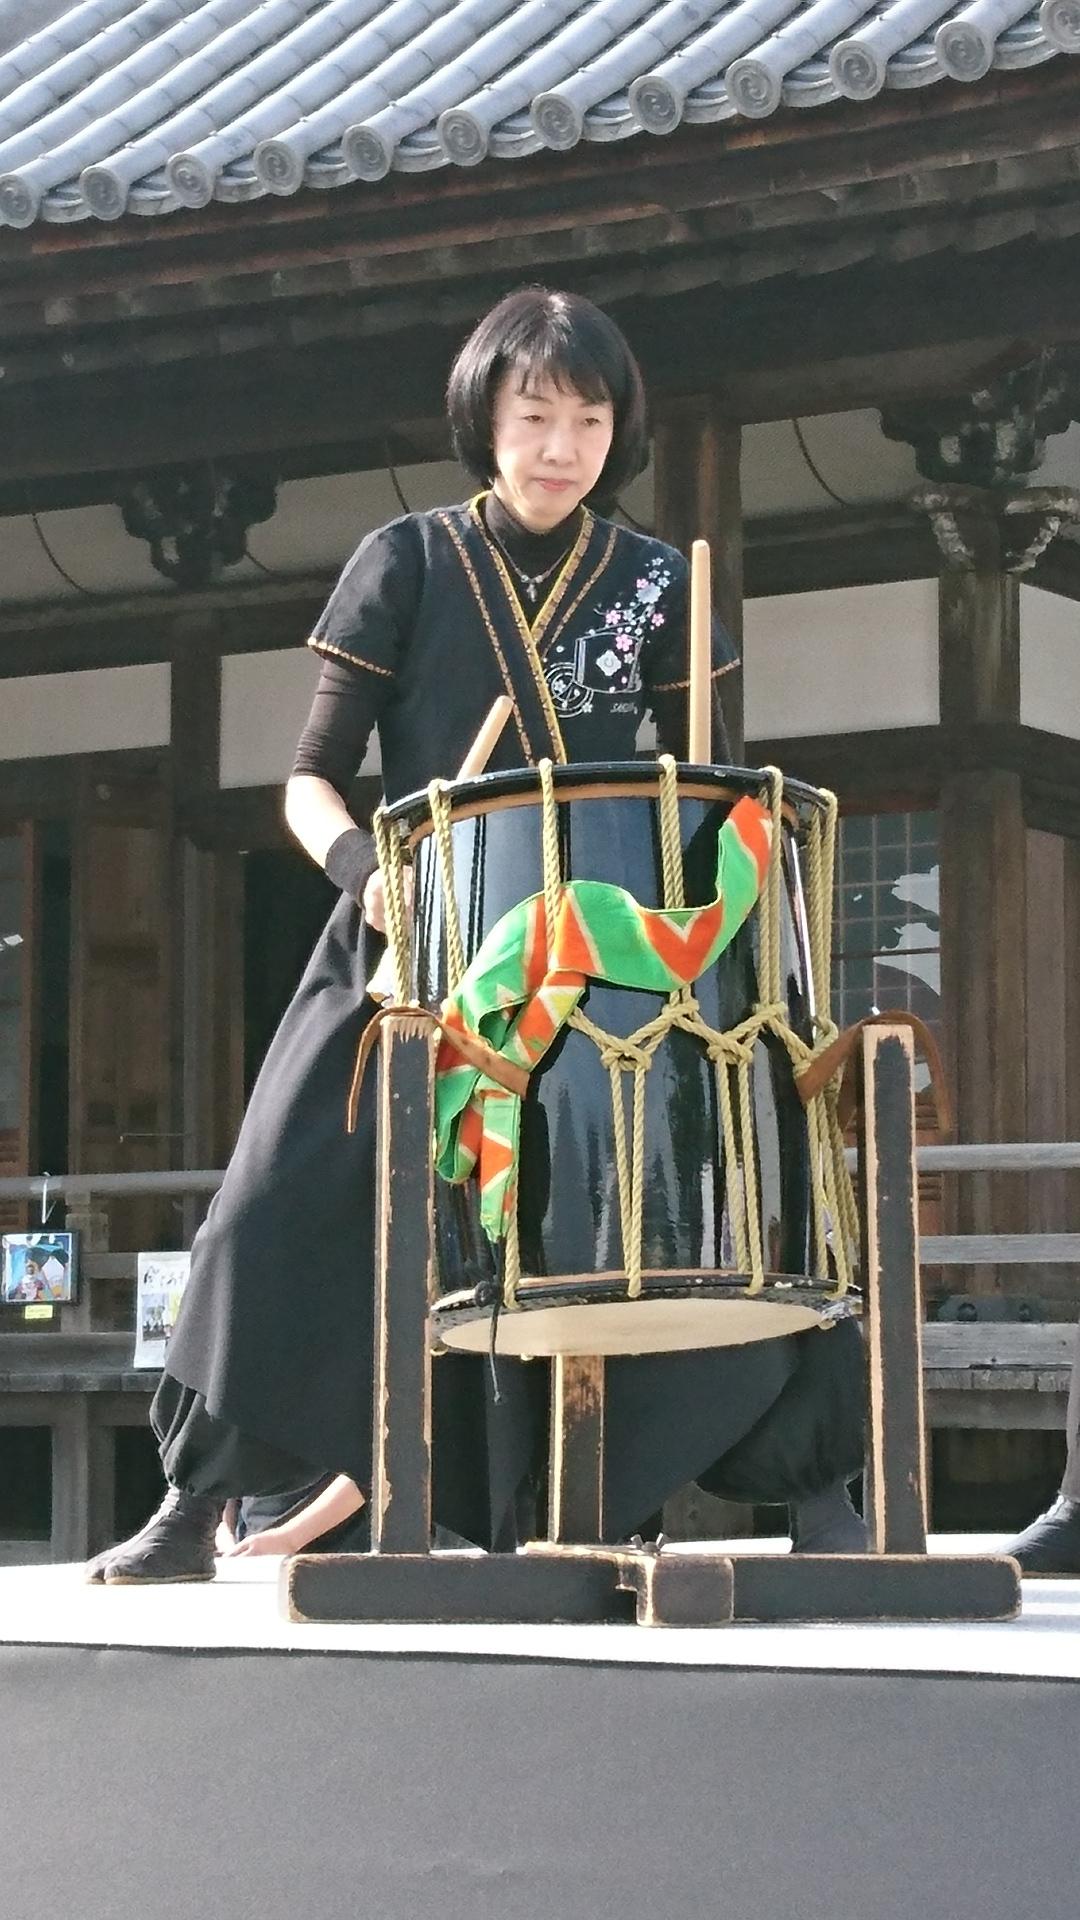 2016.11.20 咲楽 (5)